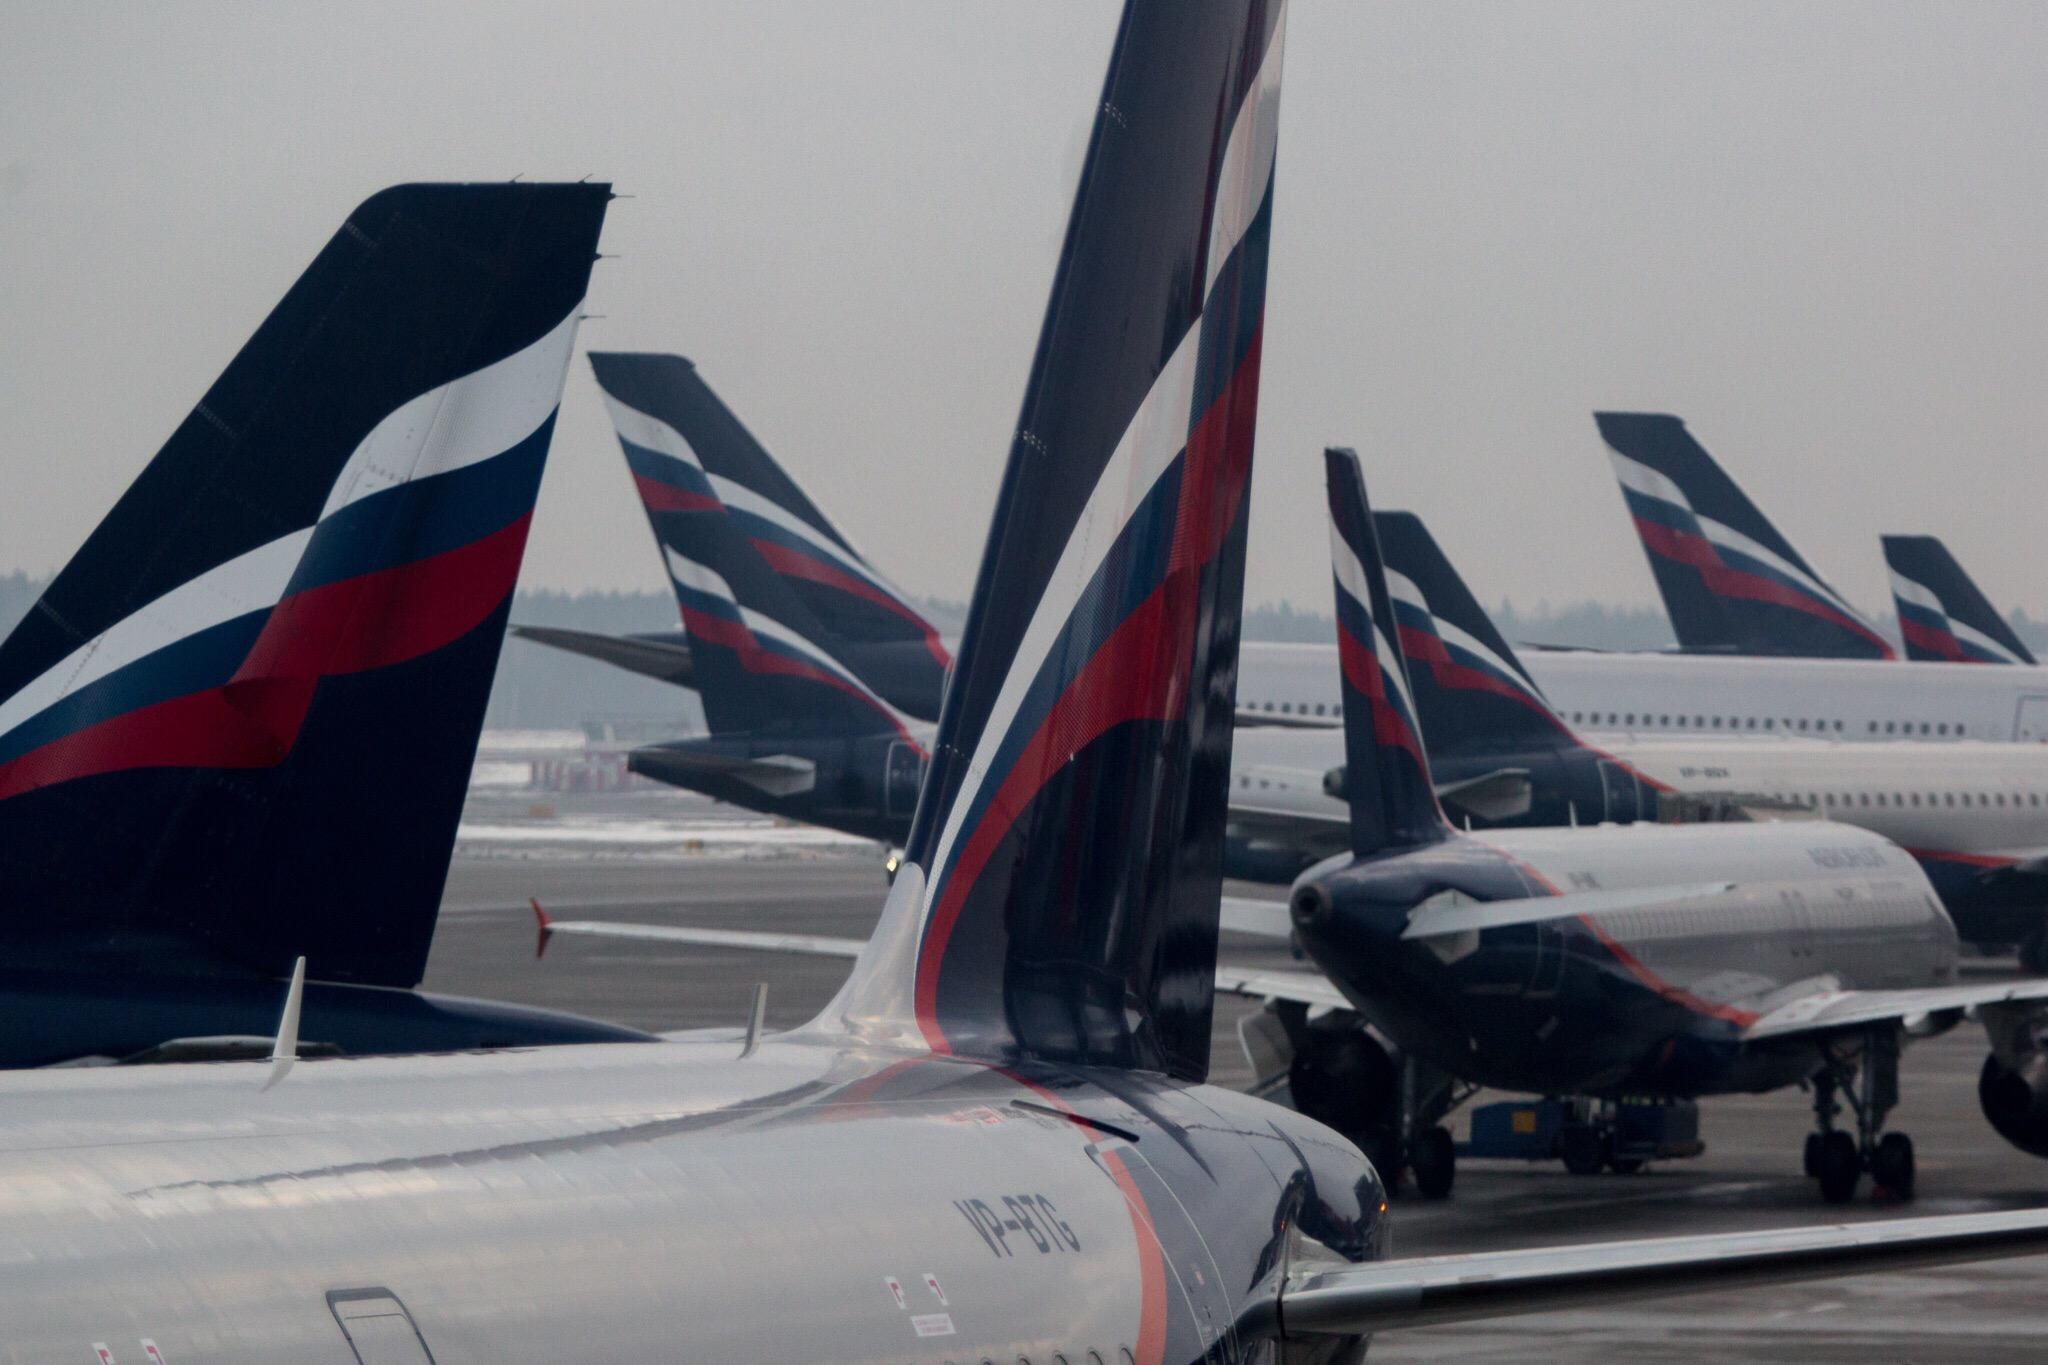 Прокуратура начала проверку по факту отмены и задержки  около 100 рейсов «Аэрофлота»